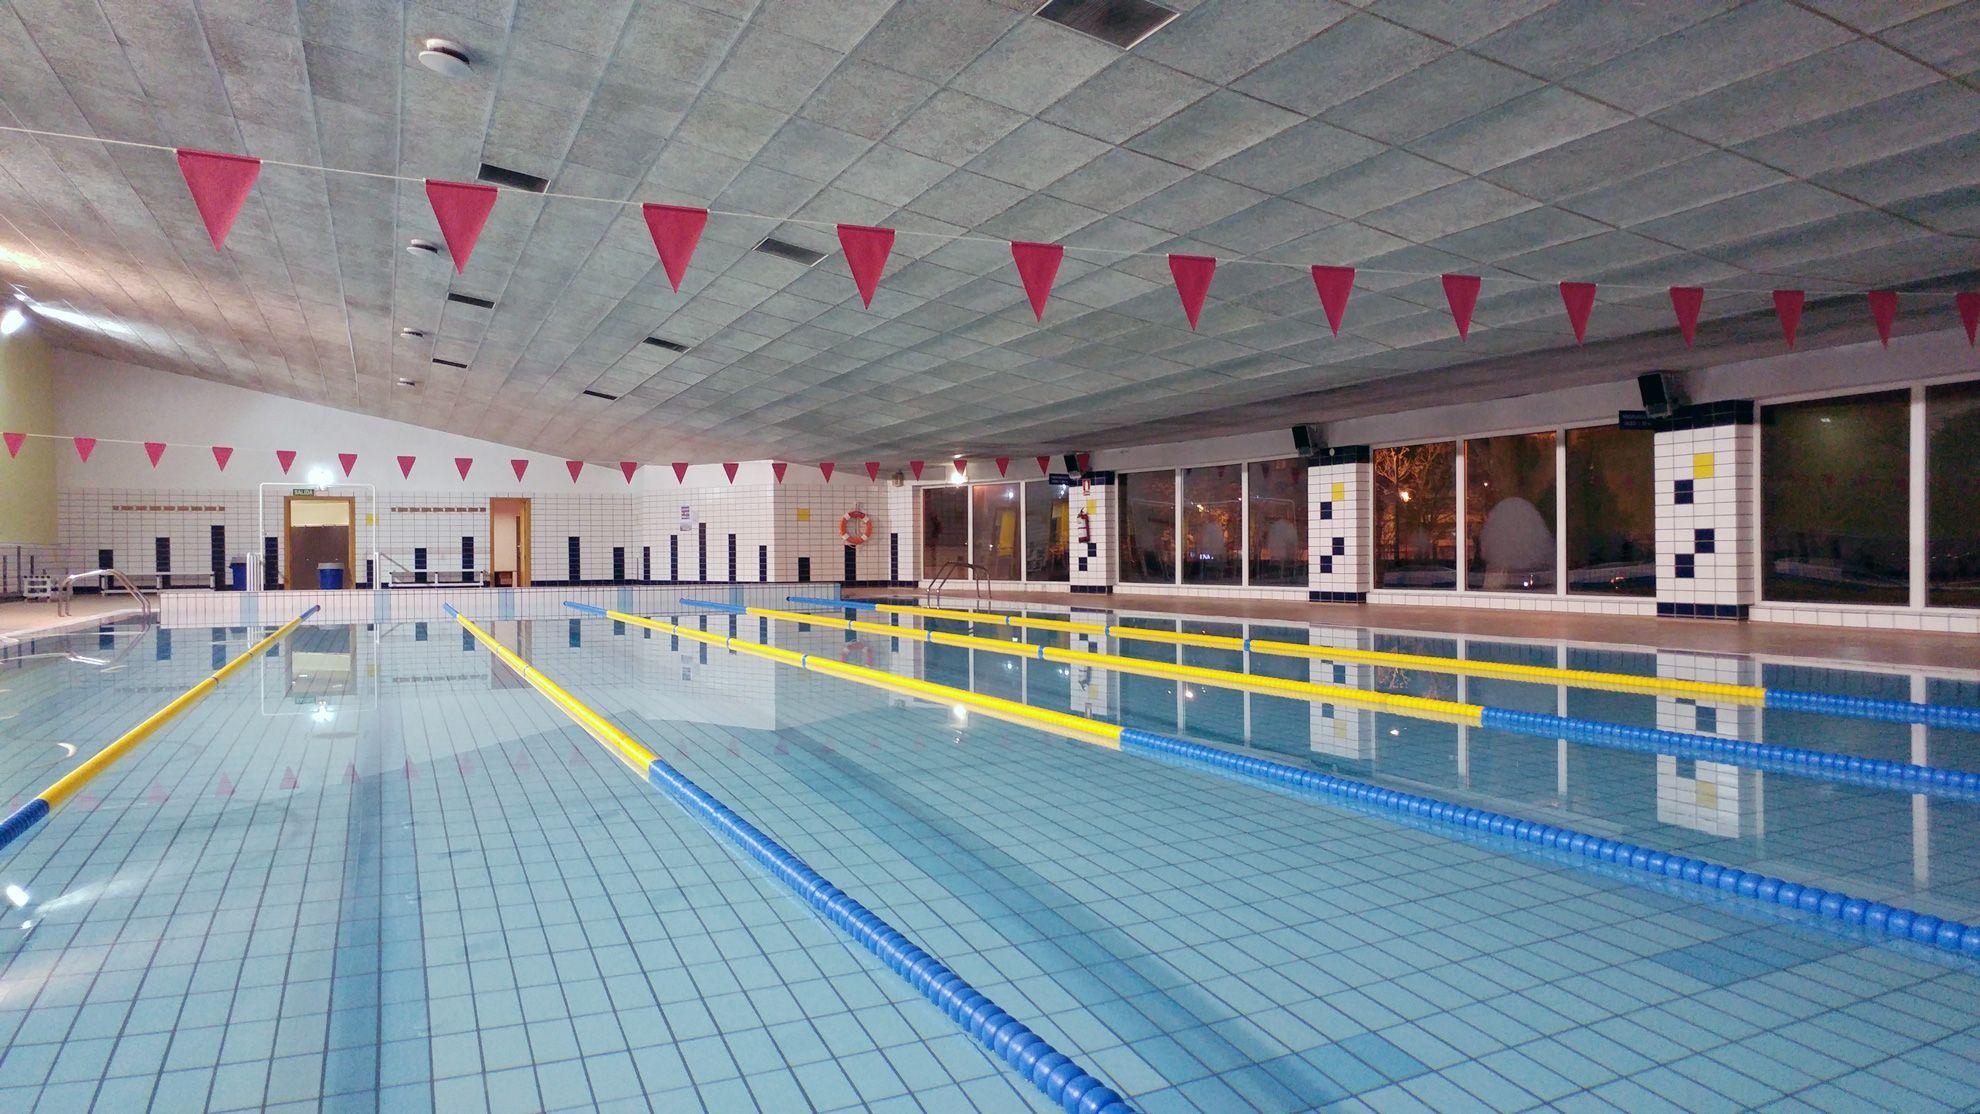 Las piscinas cubiertas de zaragoza abren hoy sus instalaciones noticias - Piscina municipal jaca ...